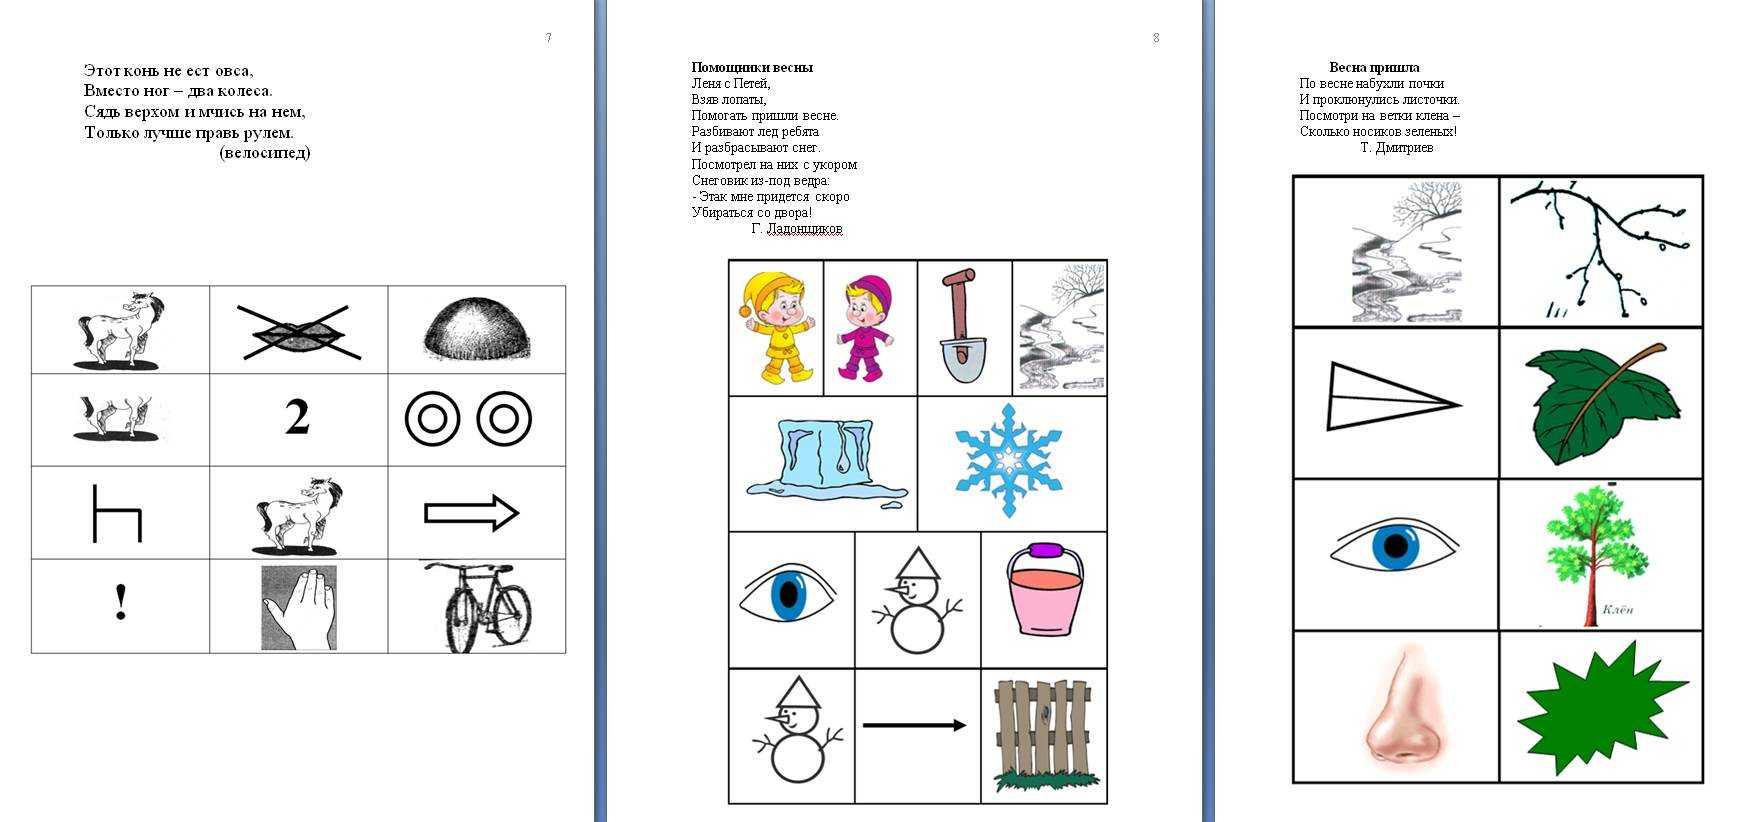 Мнемотехника для начинающих: упражнения для детей на развитие внимания